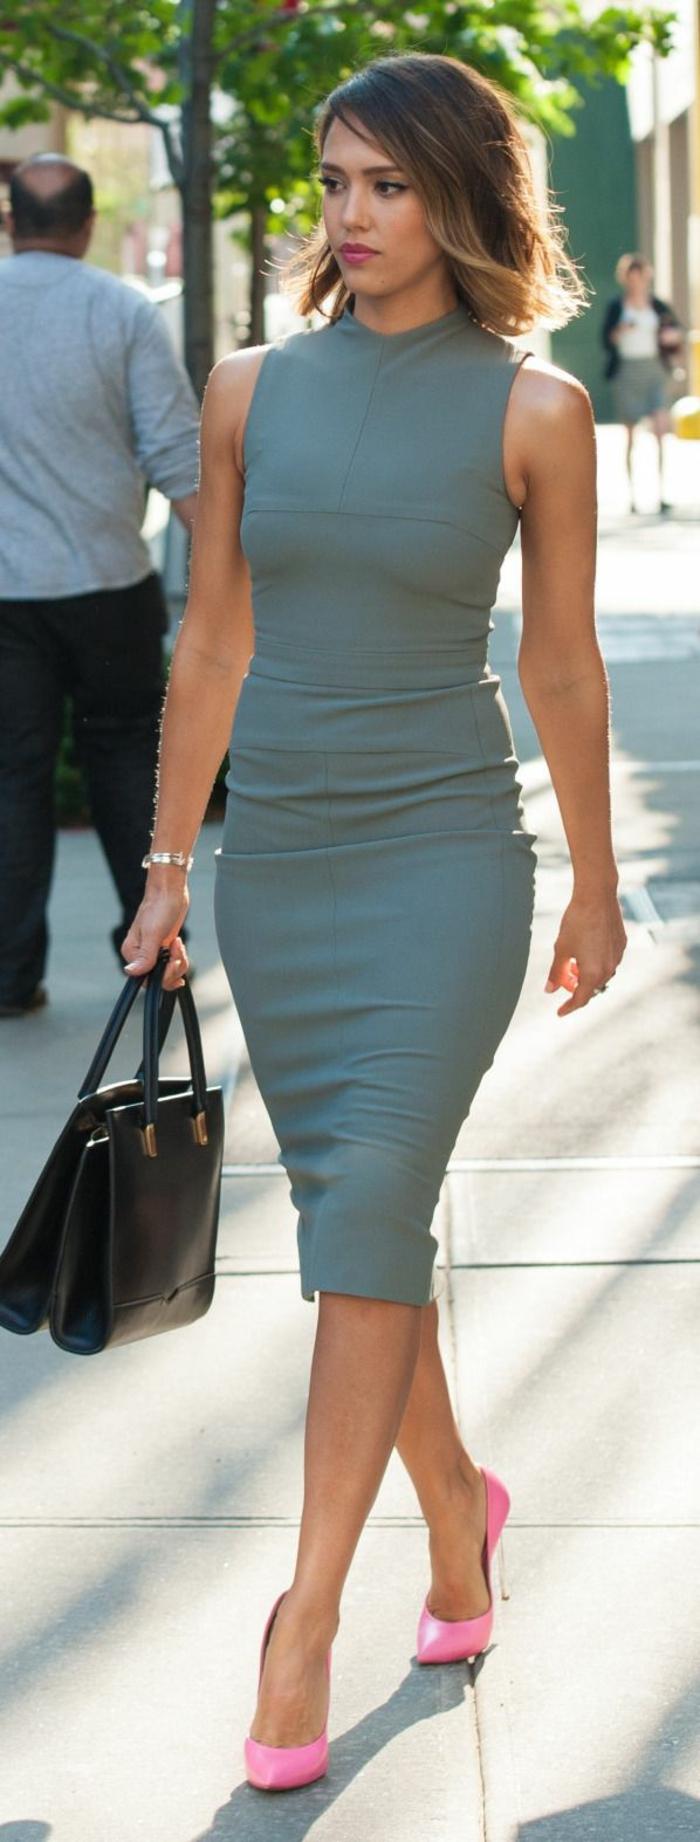 robe-élégante-habillée-tous-les-idées-inspiratrices-chaussures-talon-roses-resized